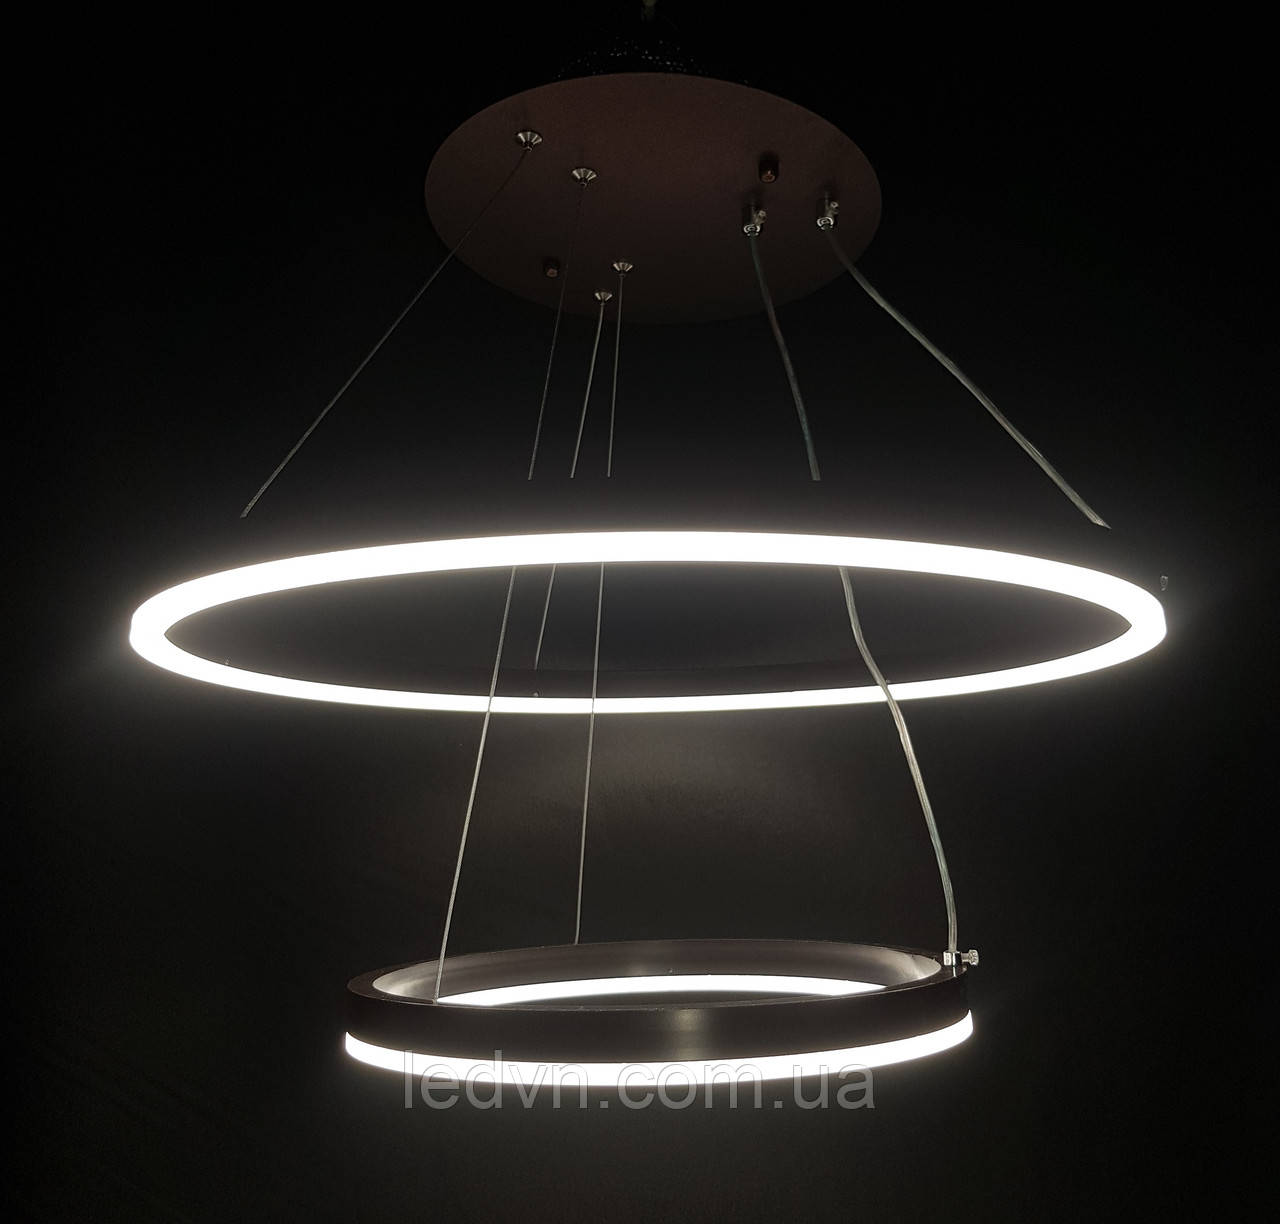 Потолочная светодиодная люстра два кольца 100 ватт диммер